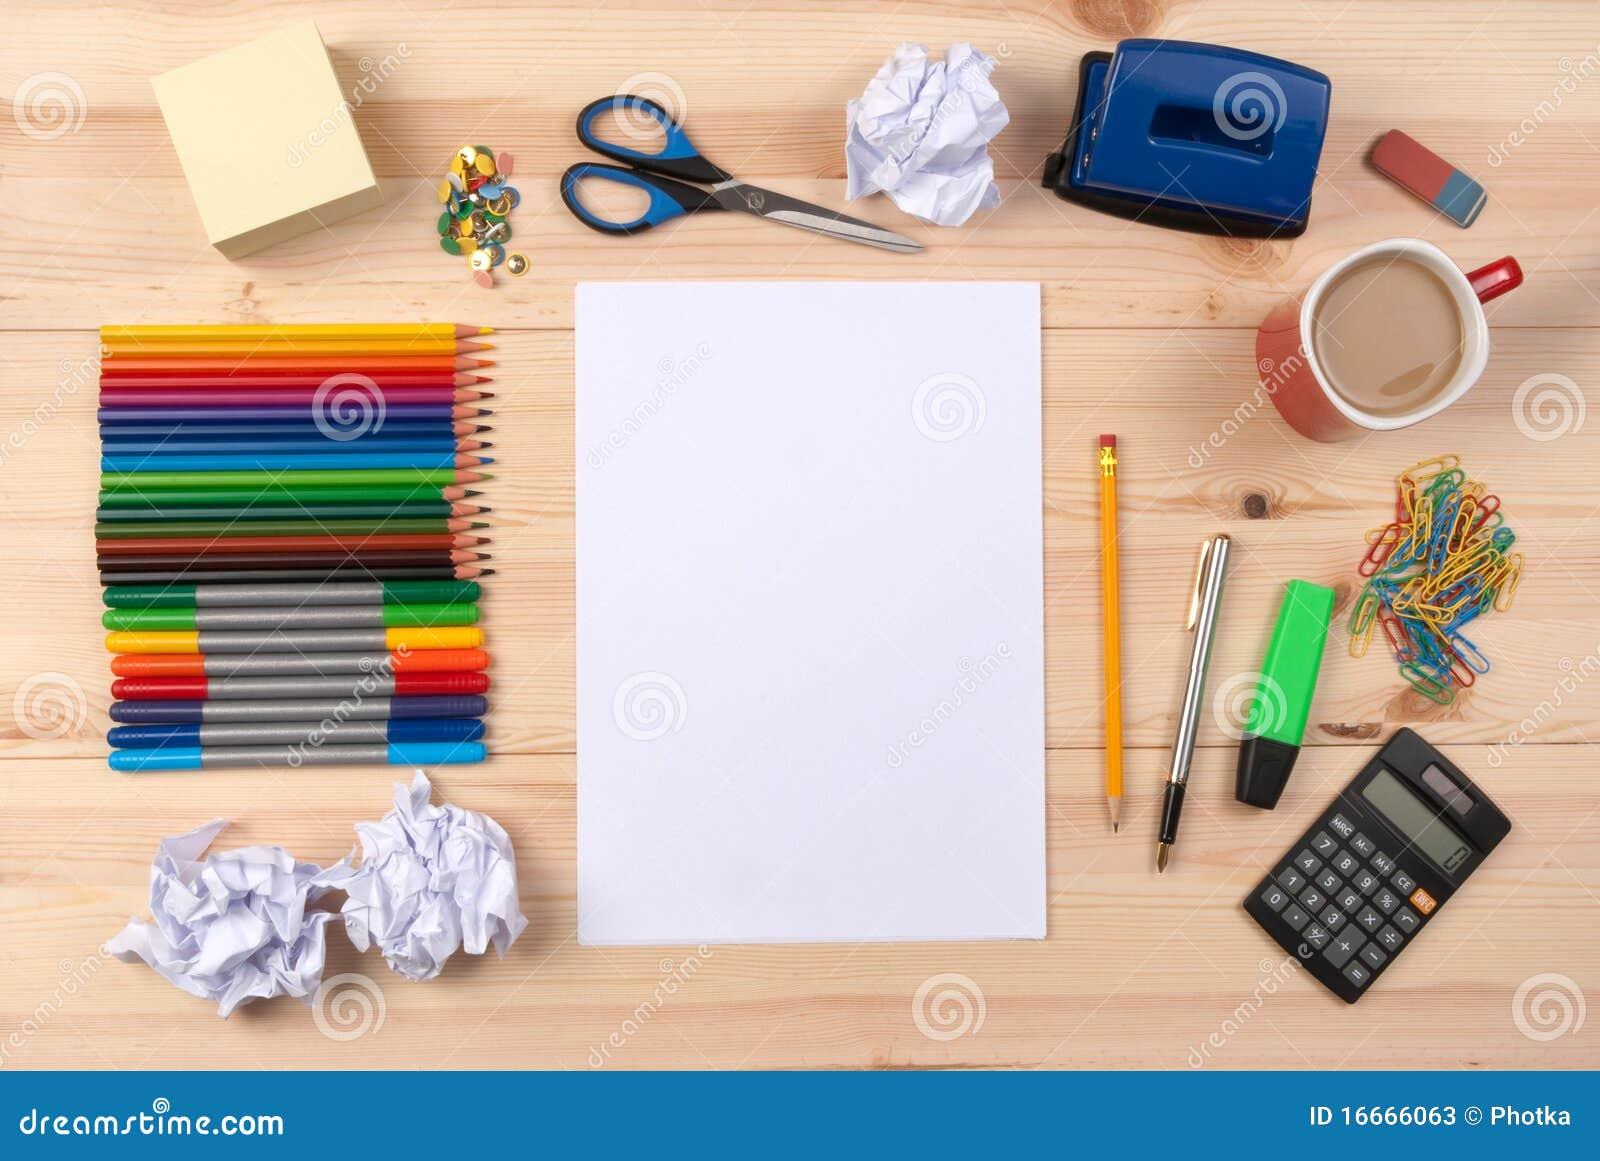 Blatt papier auf einem schreibtisch stockfotos bild for Schreibtisch von oben